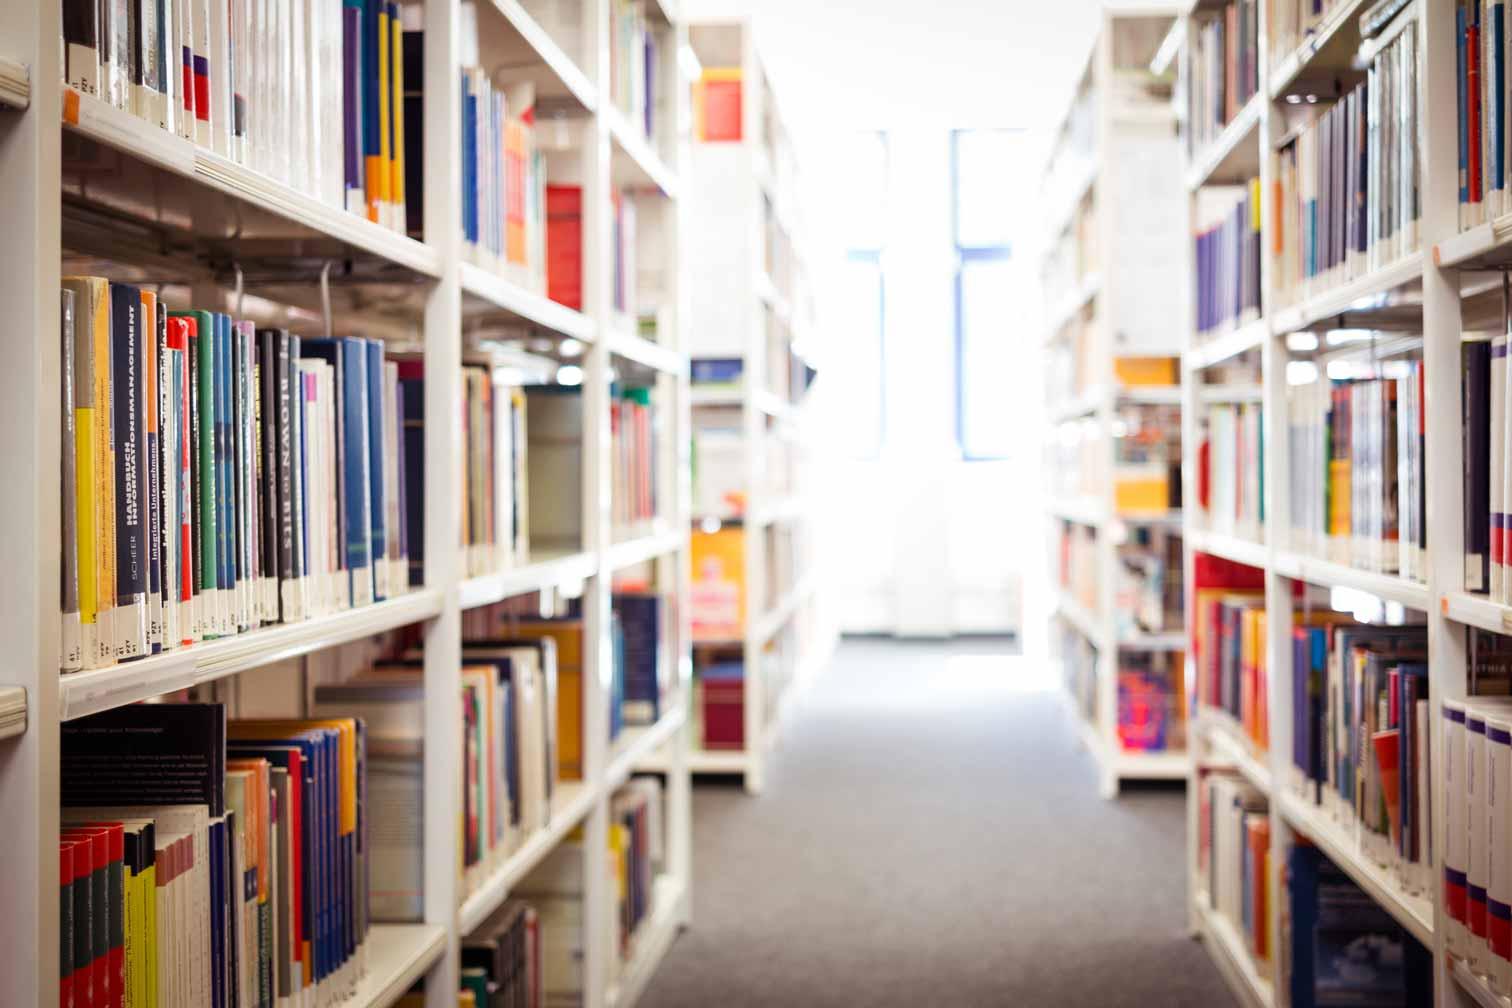 Ein Flur zwischen Bücherregalen in einer Bibliothek.